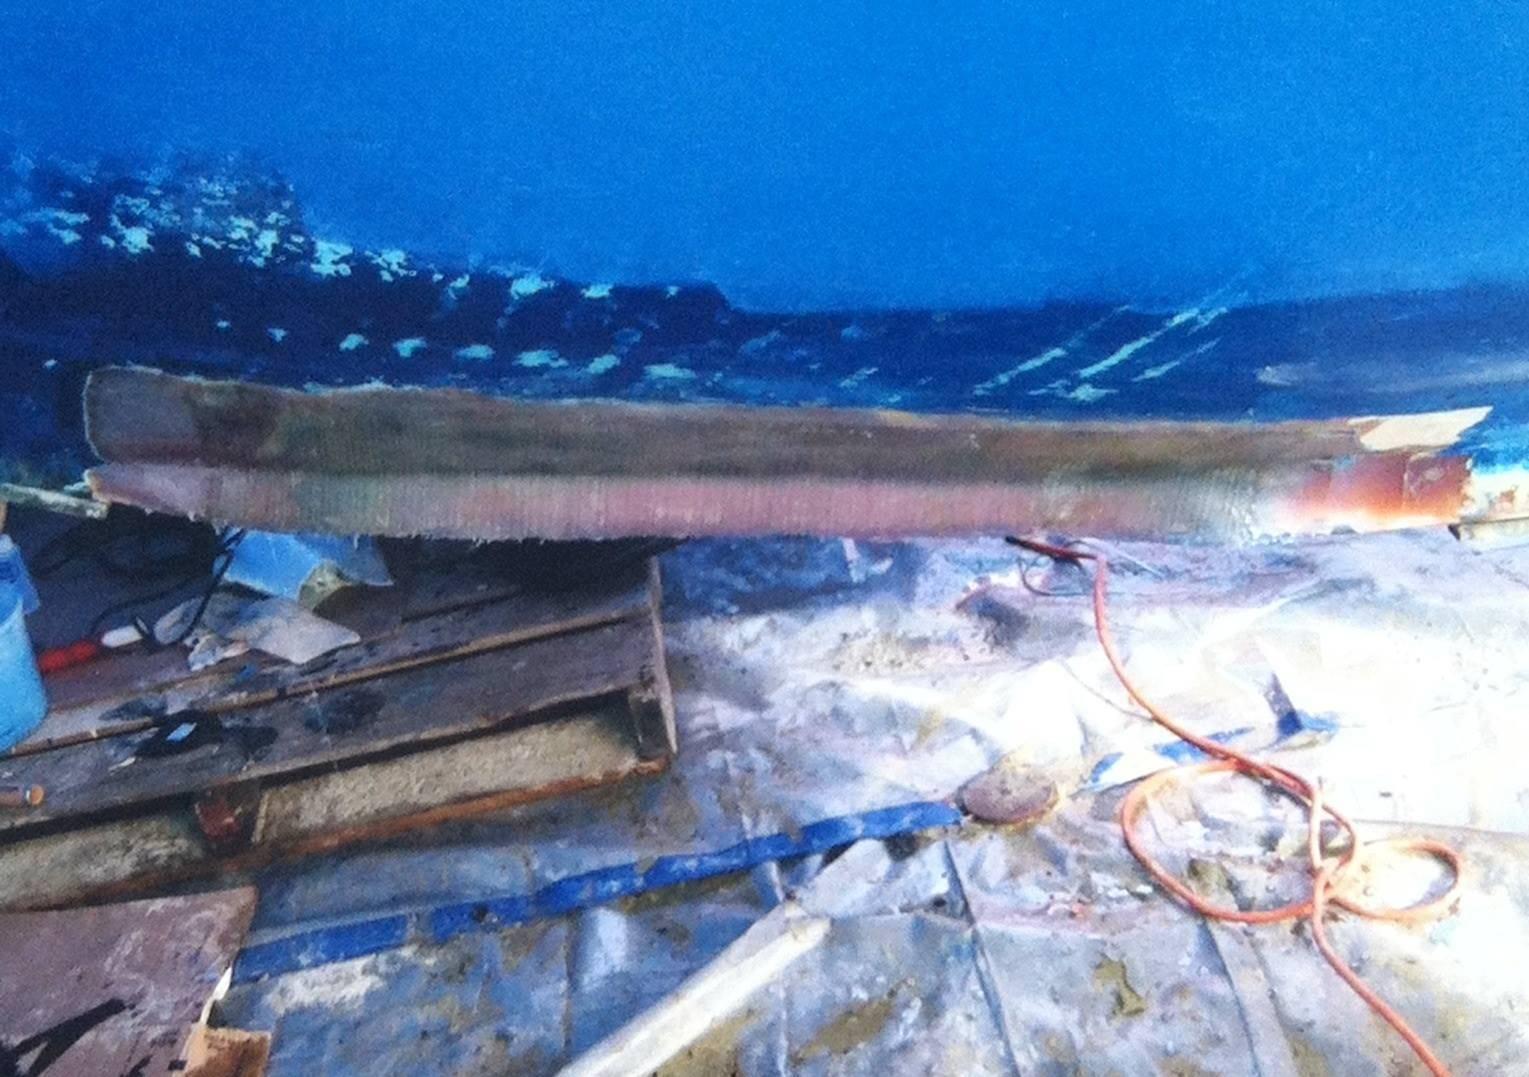 Seining vessel keel repair